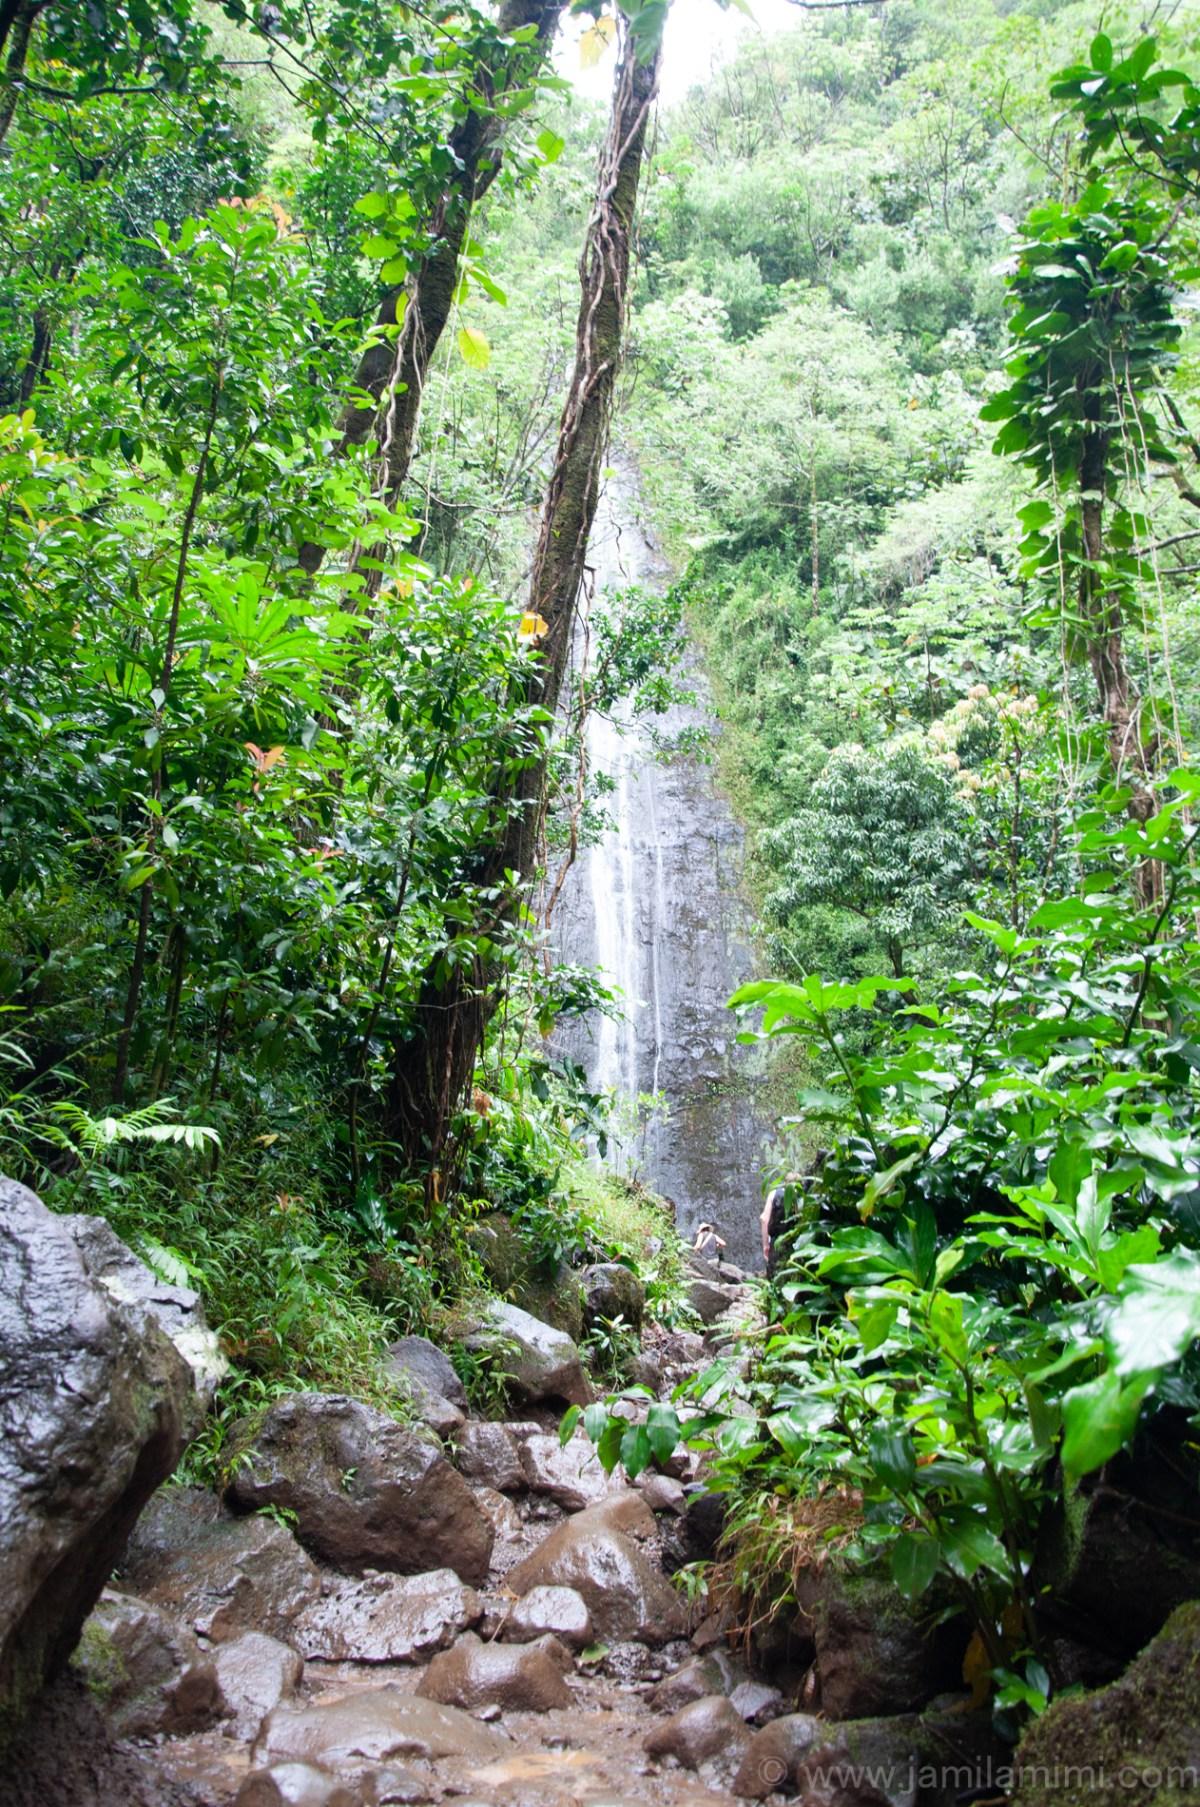 My 3rd Hiking Adventure in Oahu: Manoa Falls Hiking Trail